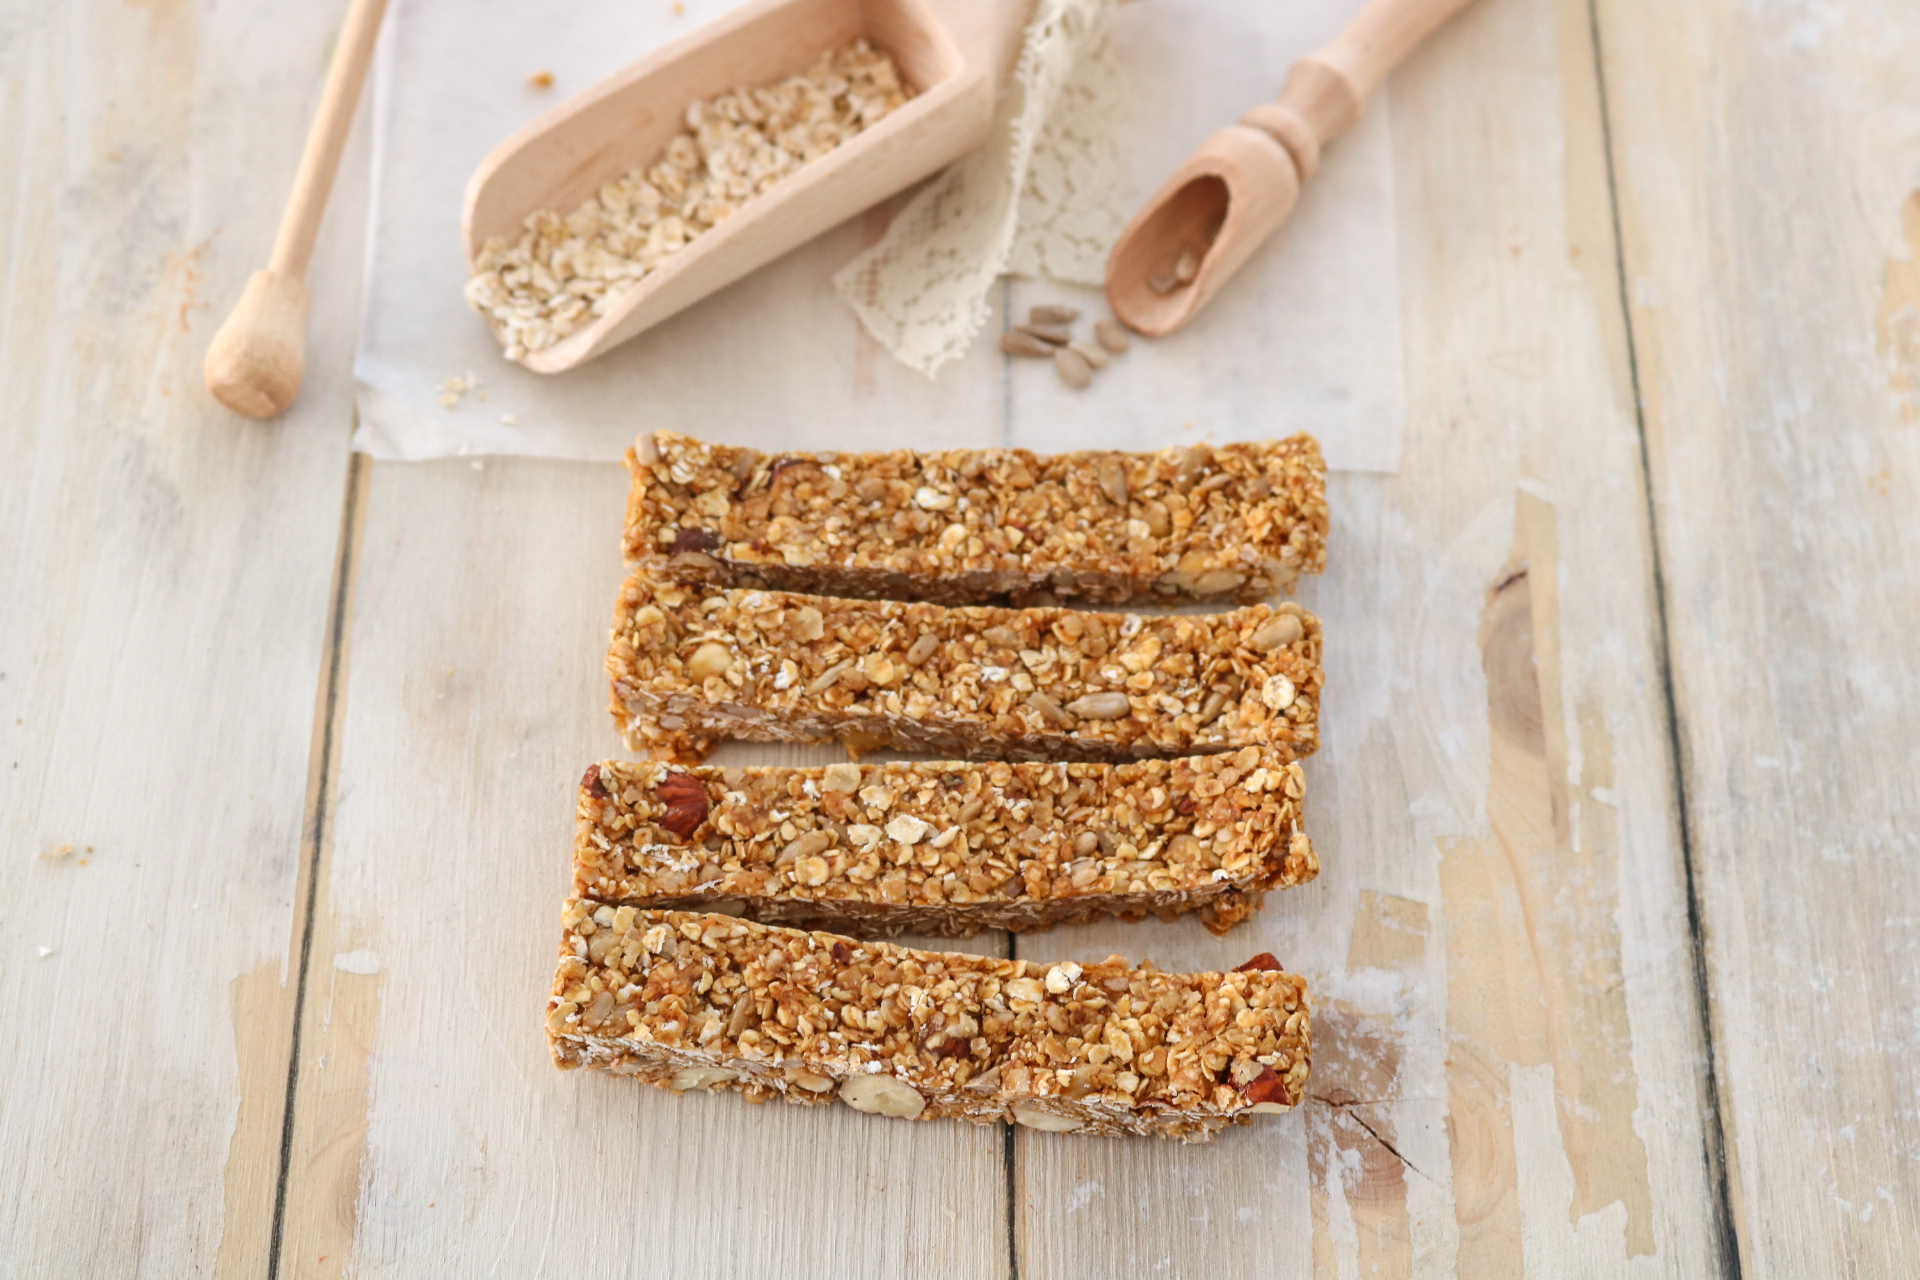 sveiki granolos batonėliai svorio metimui